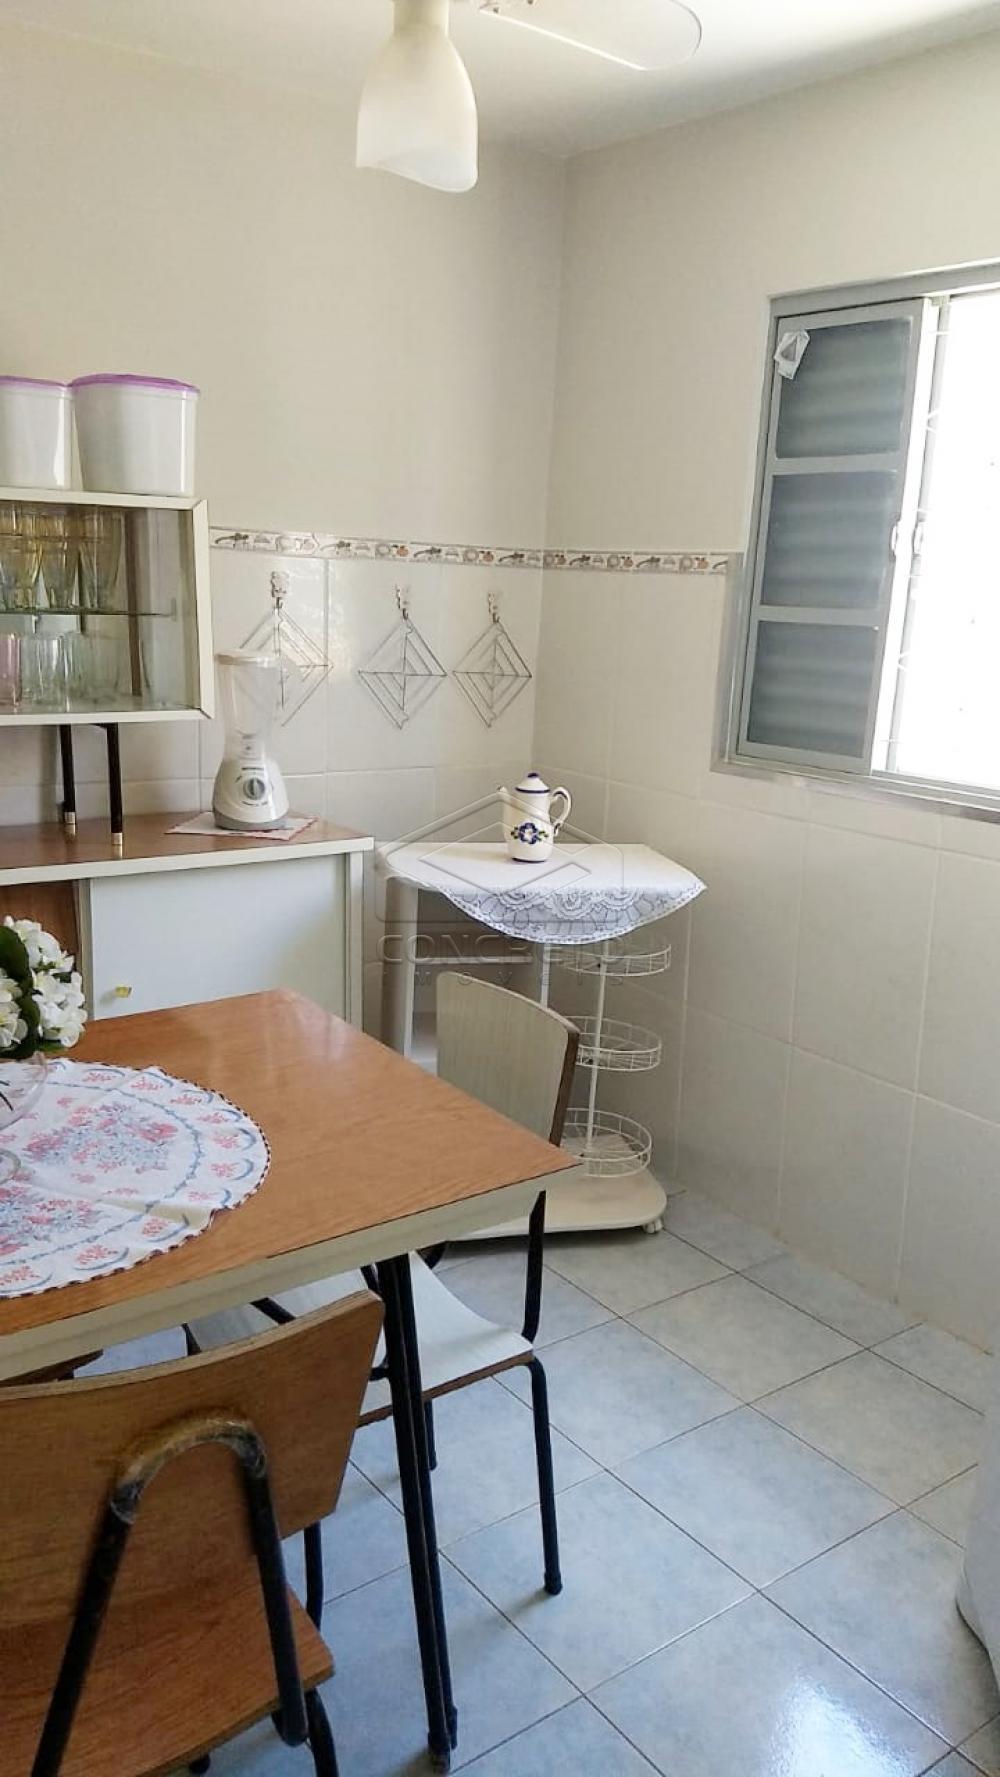 Comprar Casa / Residencia em Jaú apenas R$ 305.000,00 - Foto 18